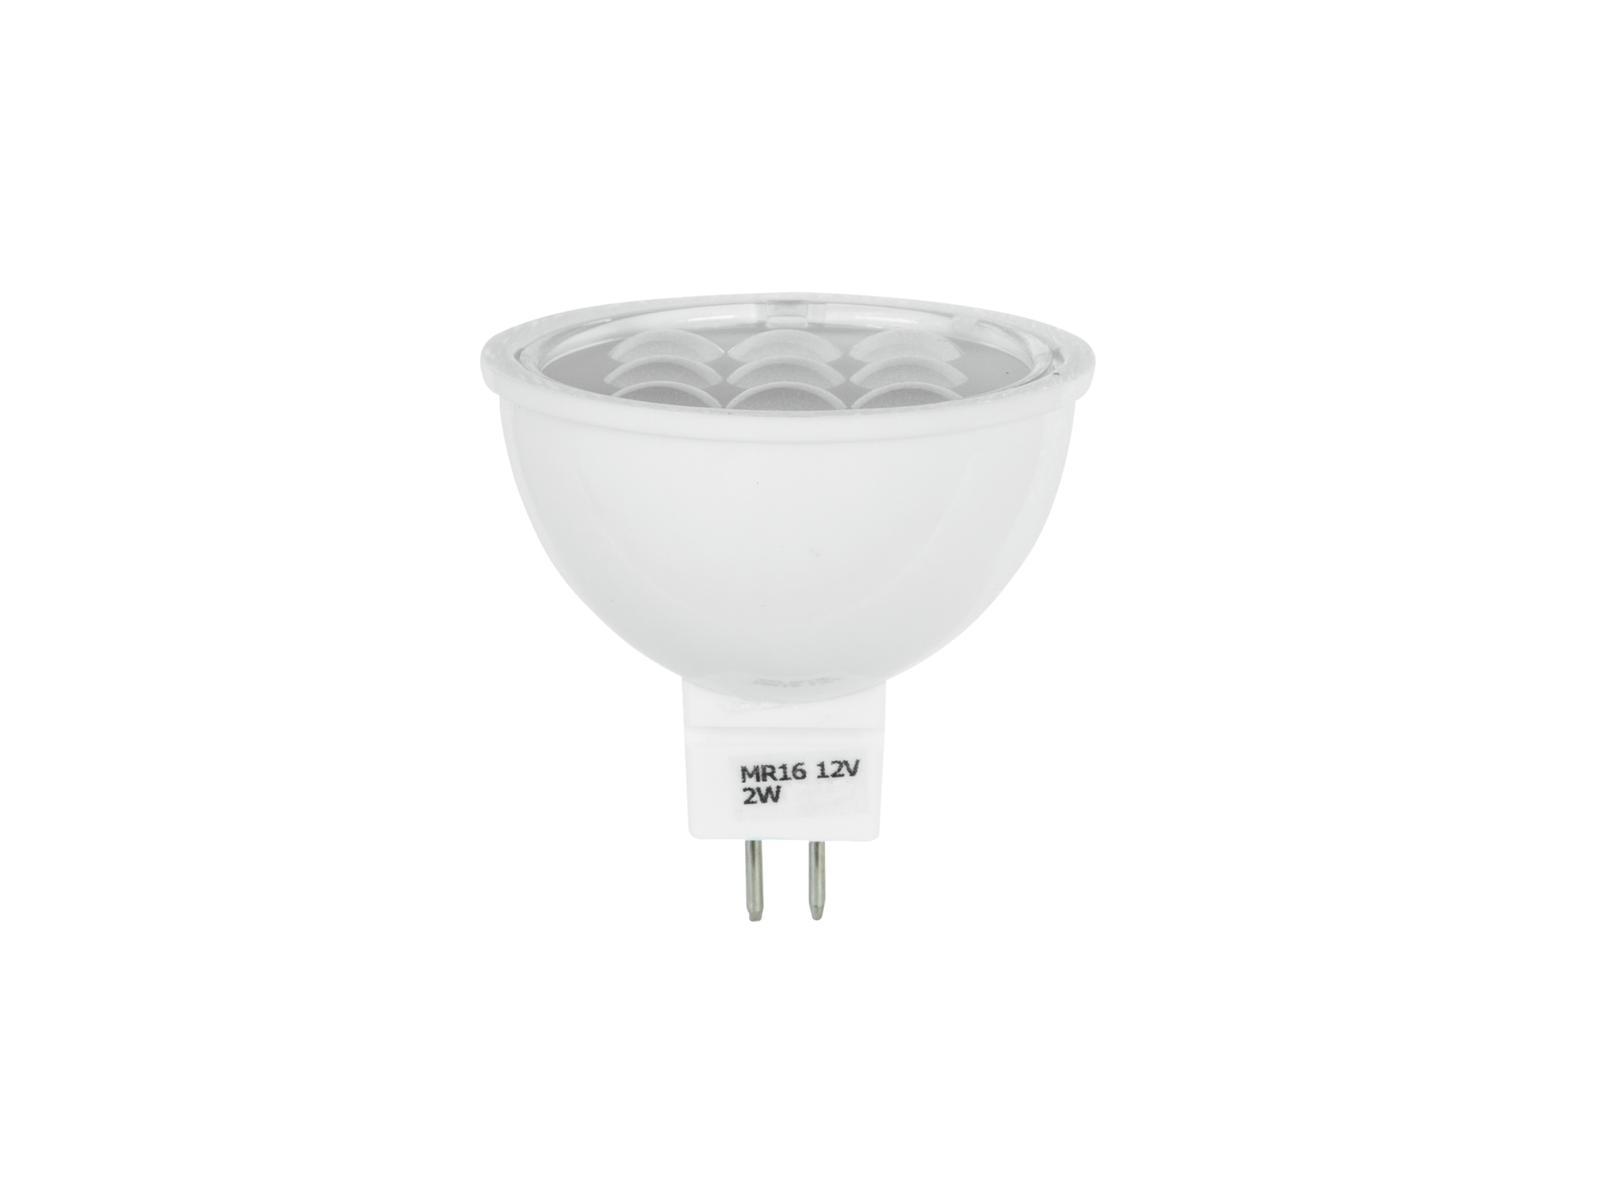 LED žárovka 12V 2W SMD GU5.3 MR-16 Omnilux, zelená